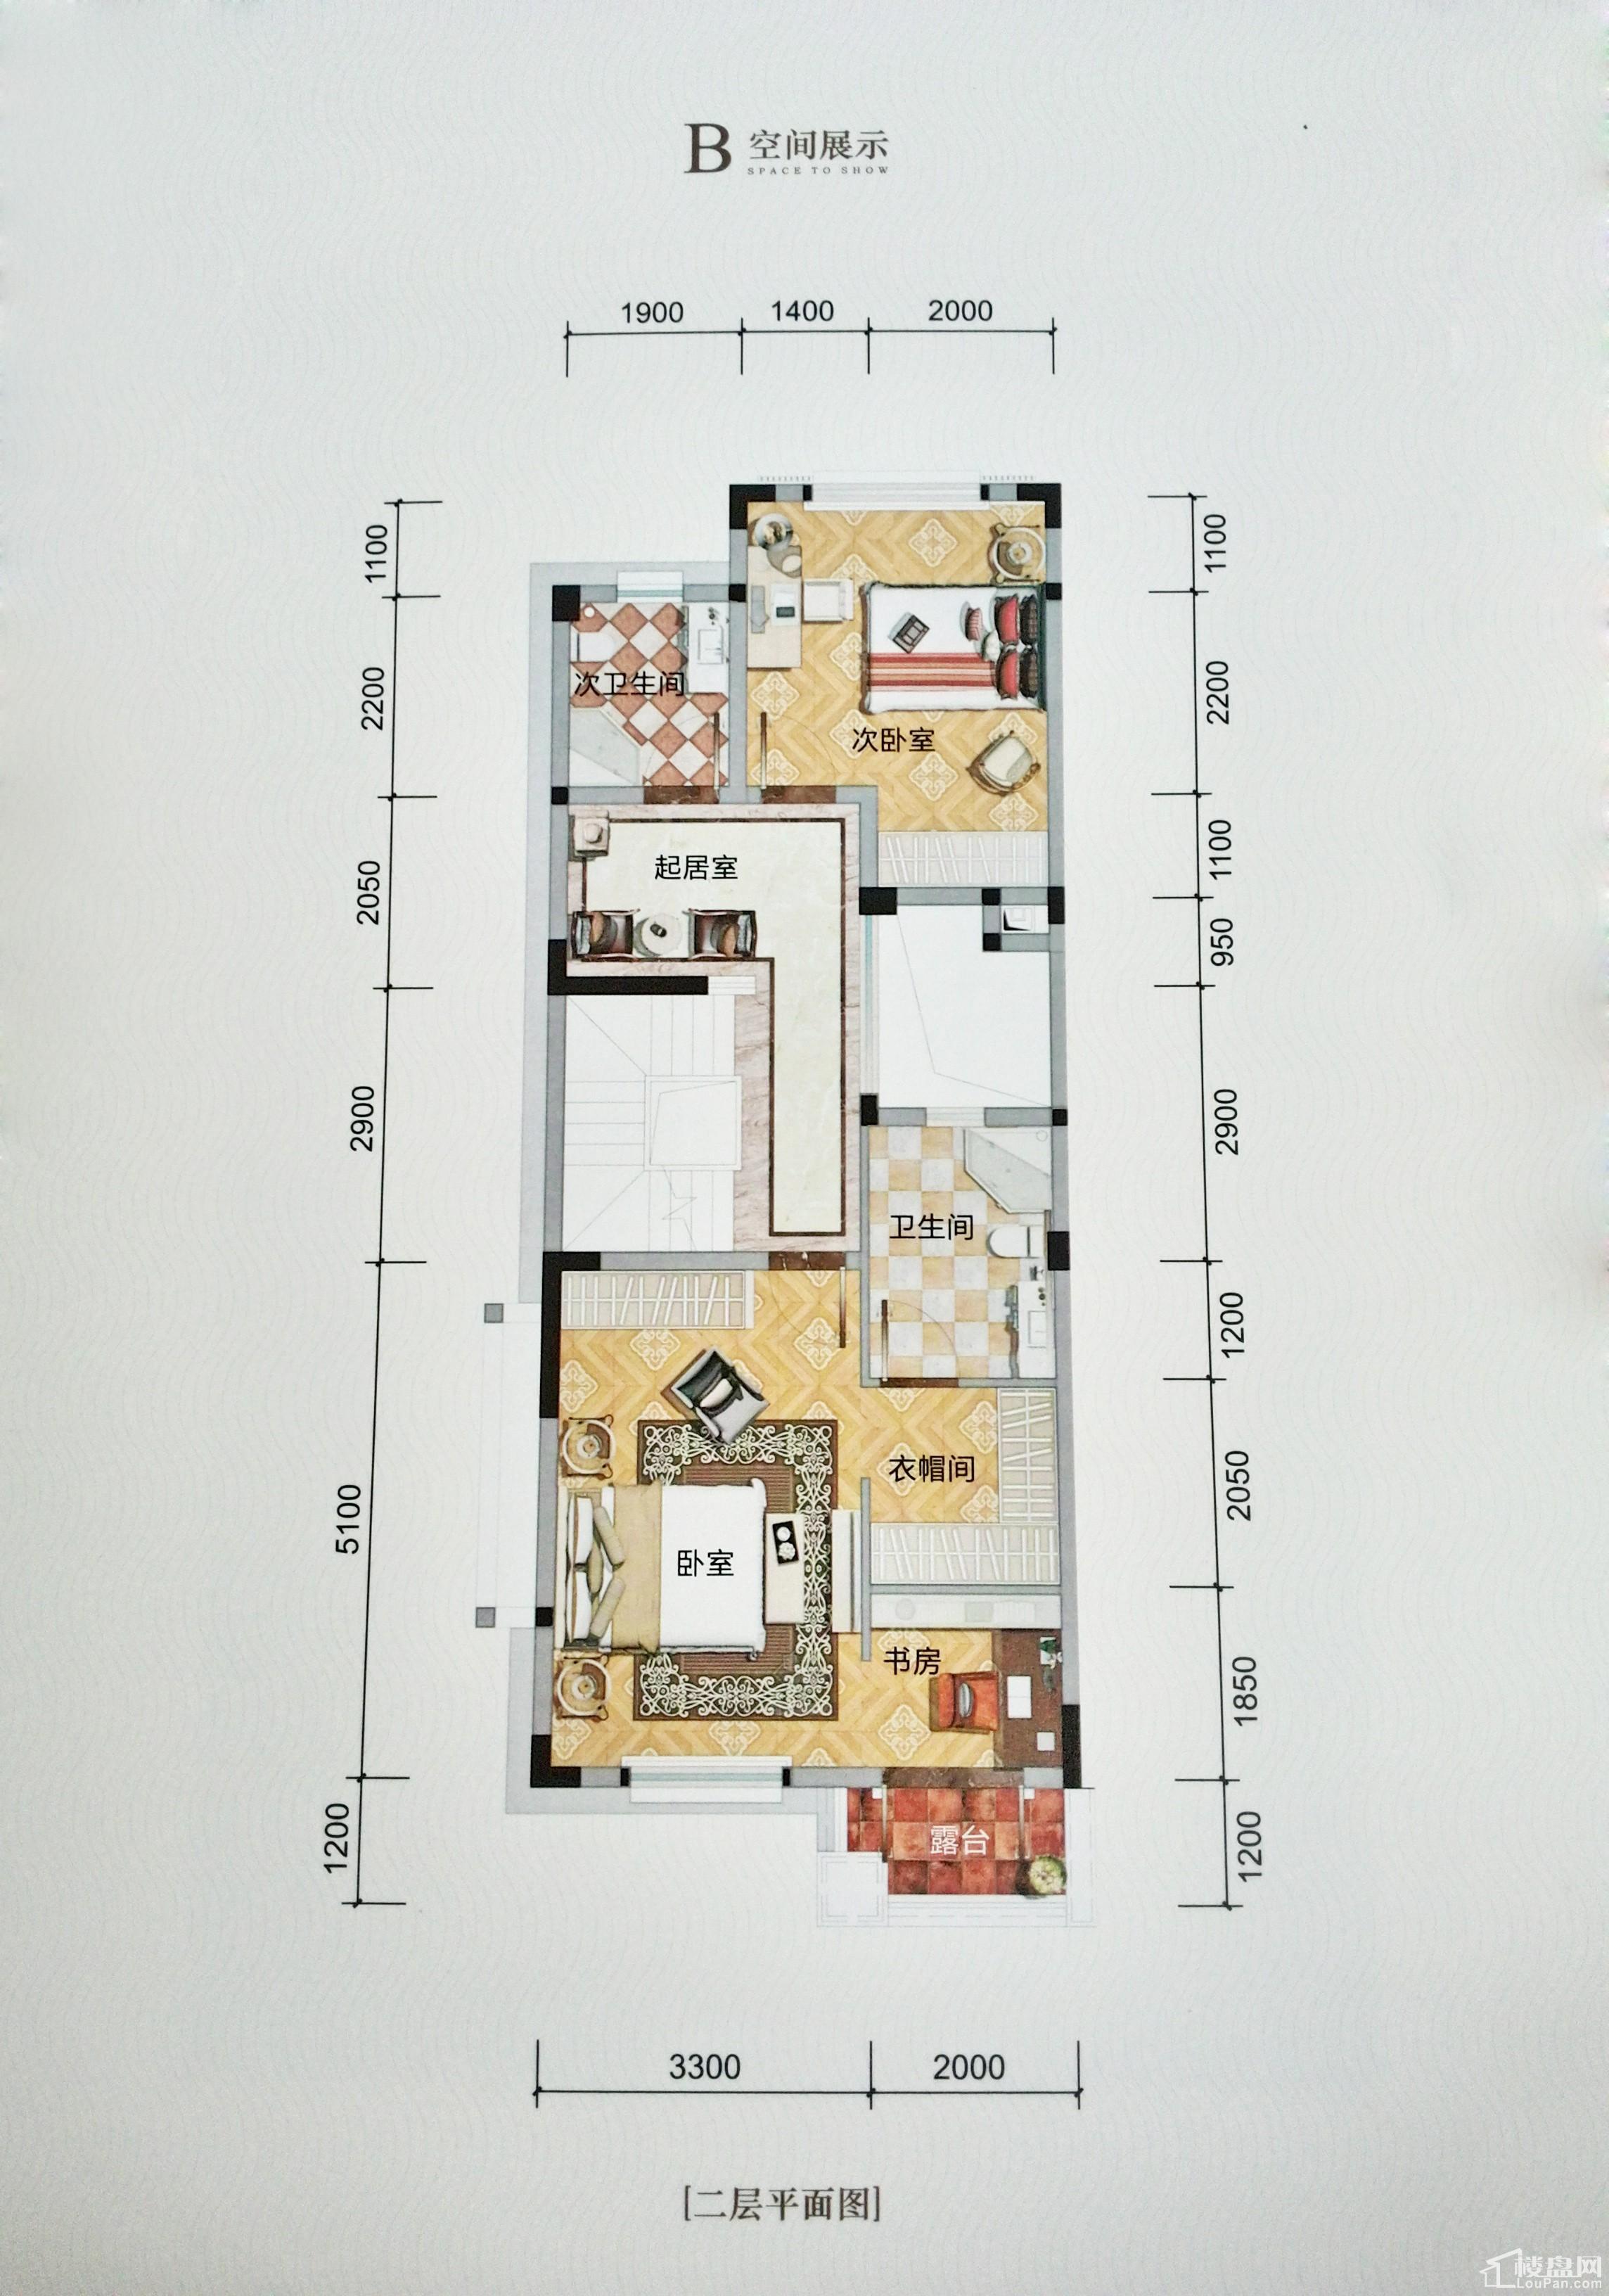 英郦庄园桥郡B2层户型图